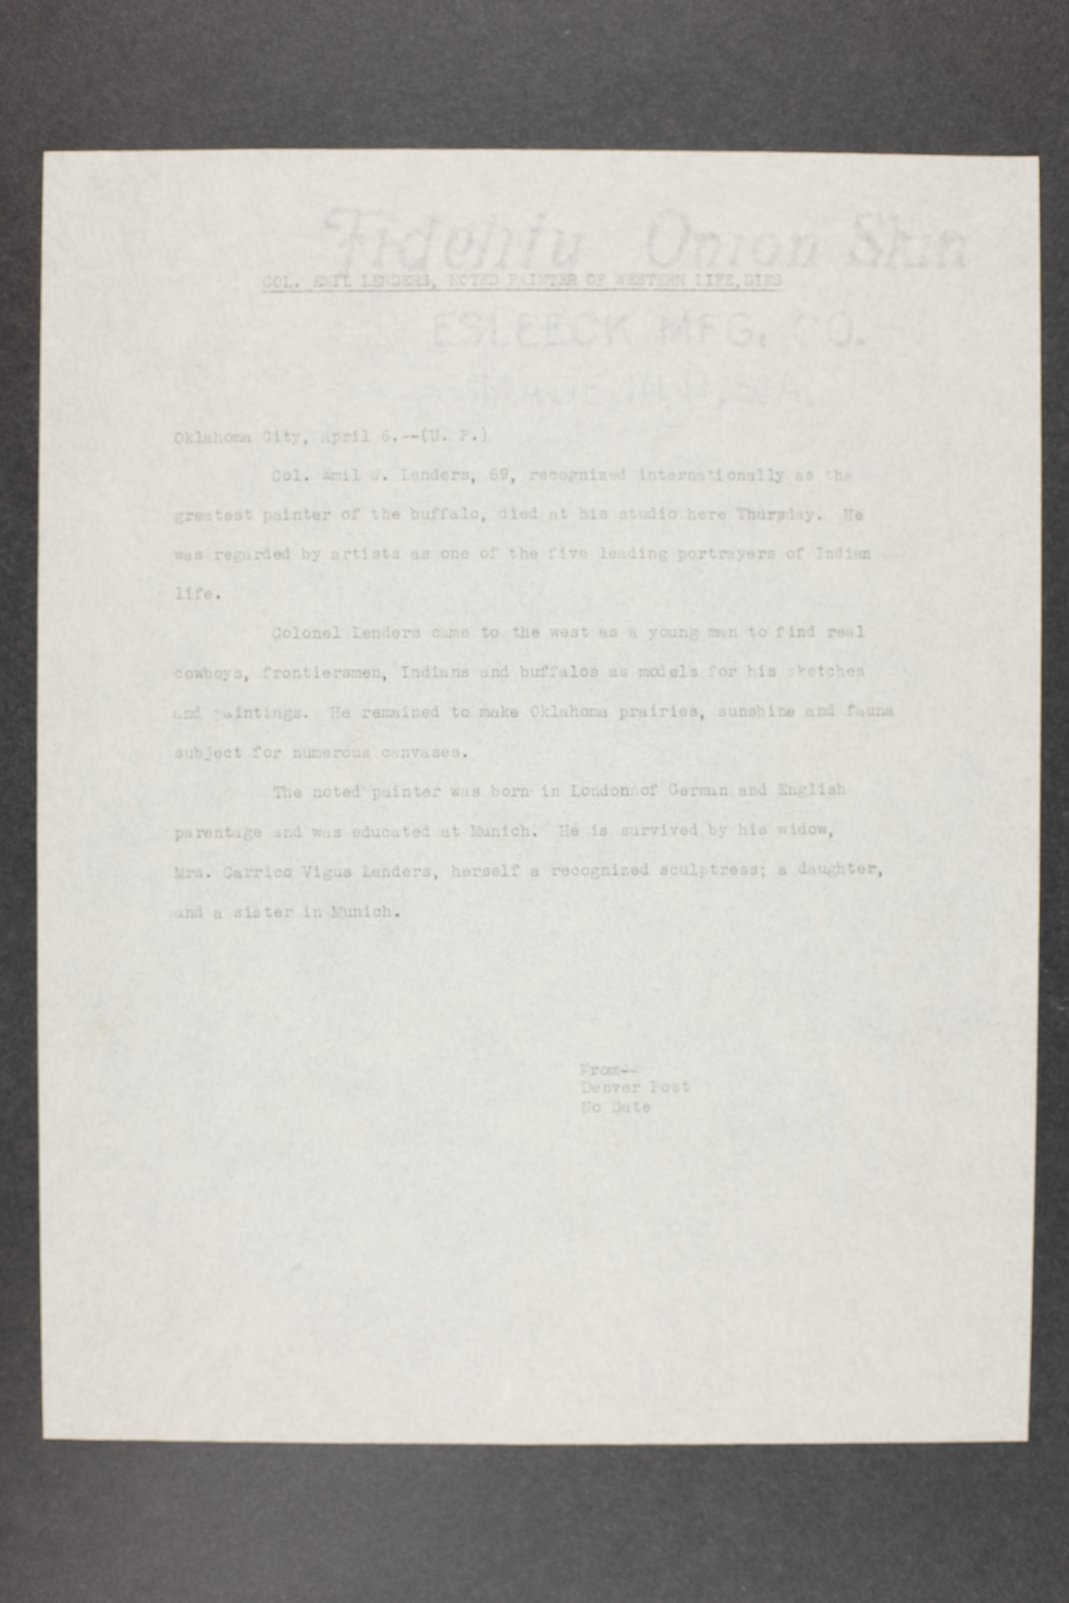 Robert Taft correspondence related to frontier artists, Landers - Metcalf - 5